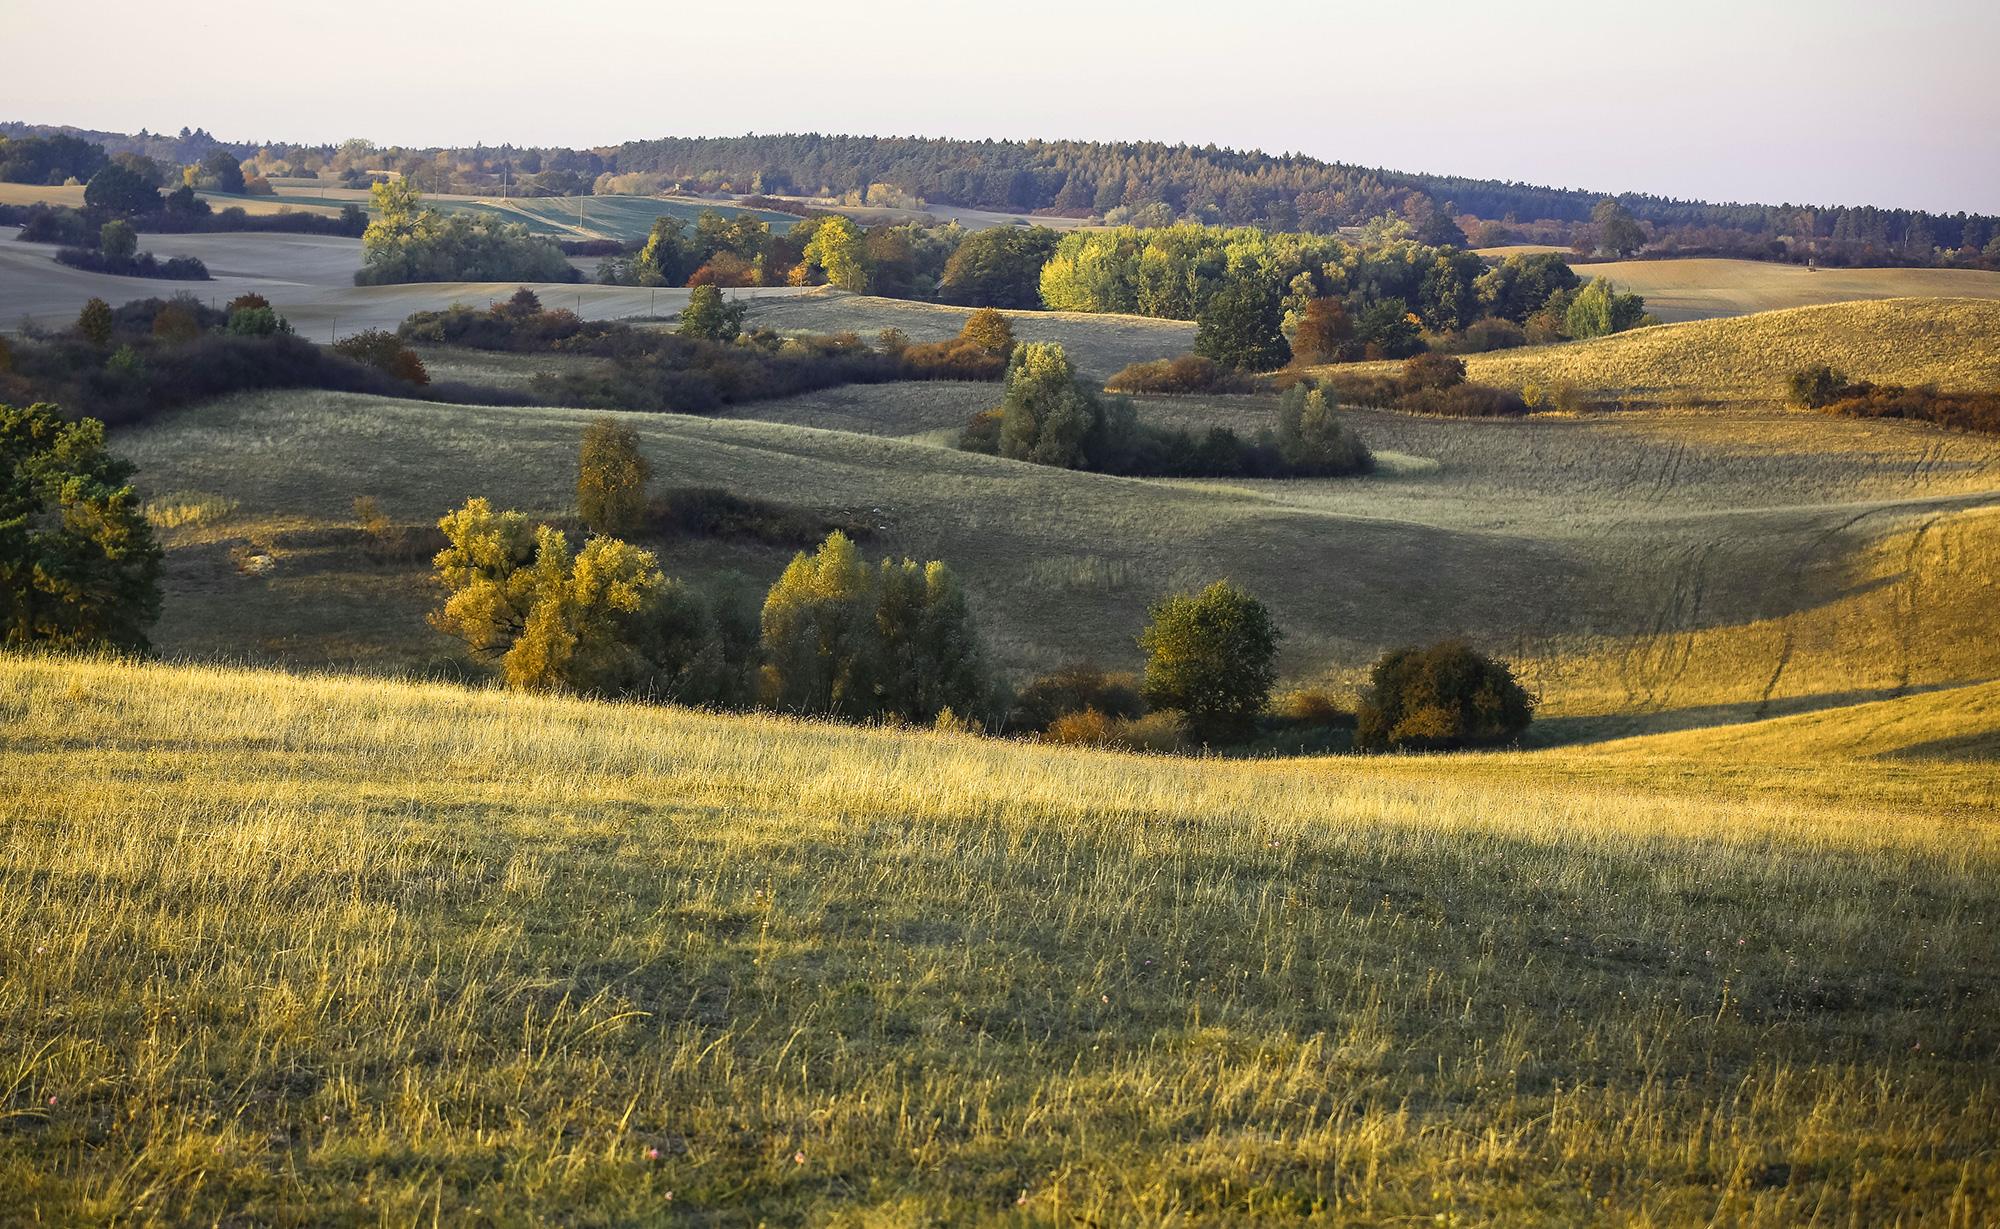 Die Uckermark wird auch als die Toskana des Nordens betitelt